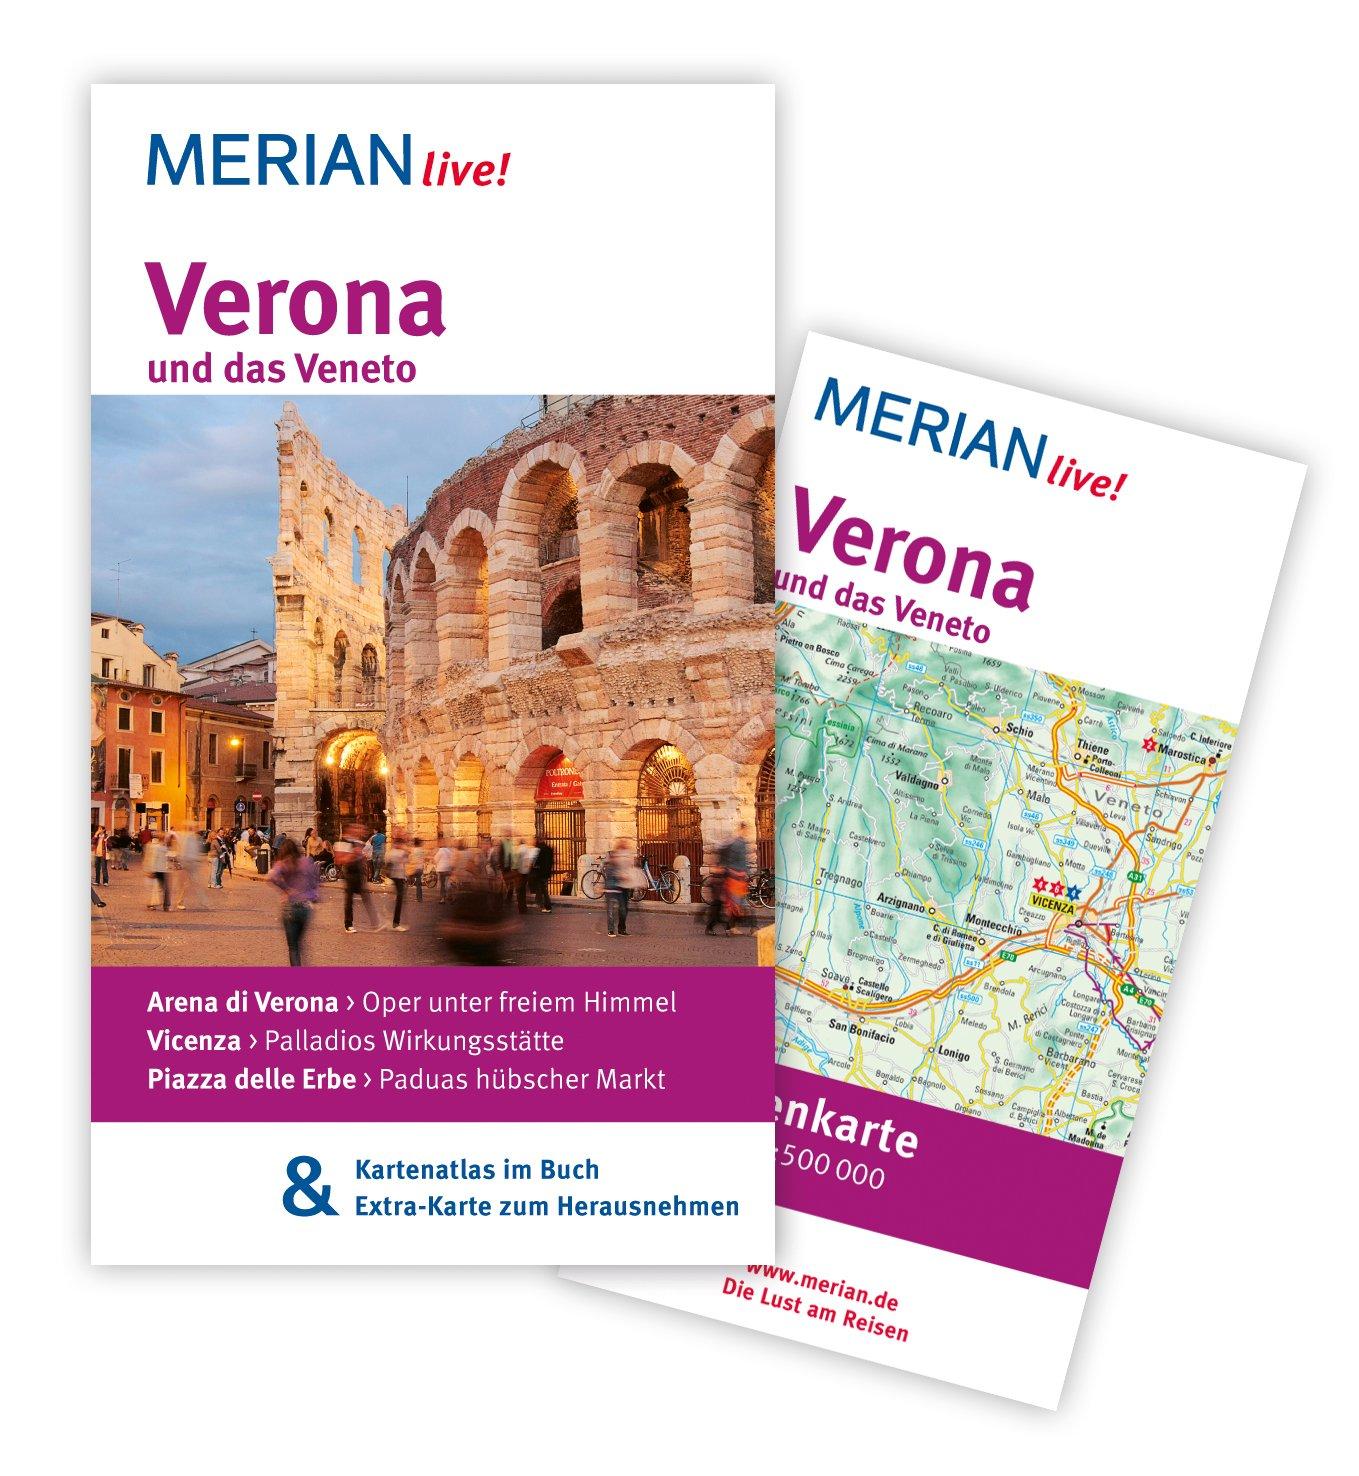 MERIAN live! Reiseführer Verona und das Veneto: Mit Kartenatlas im Buch und Extra-Karte zum Herausnehmen